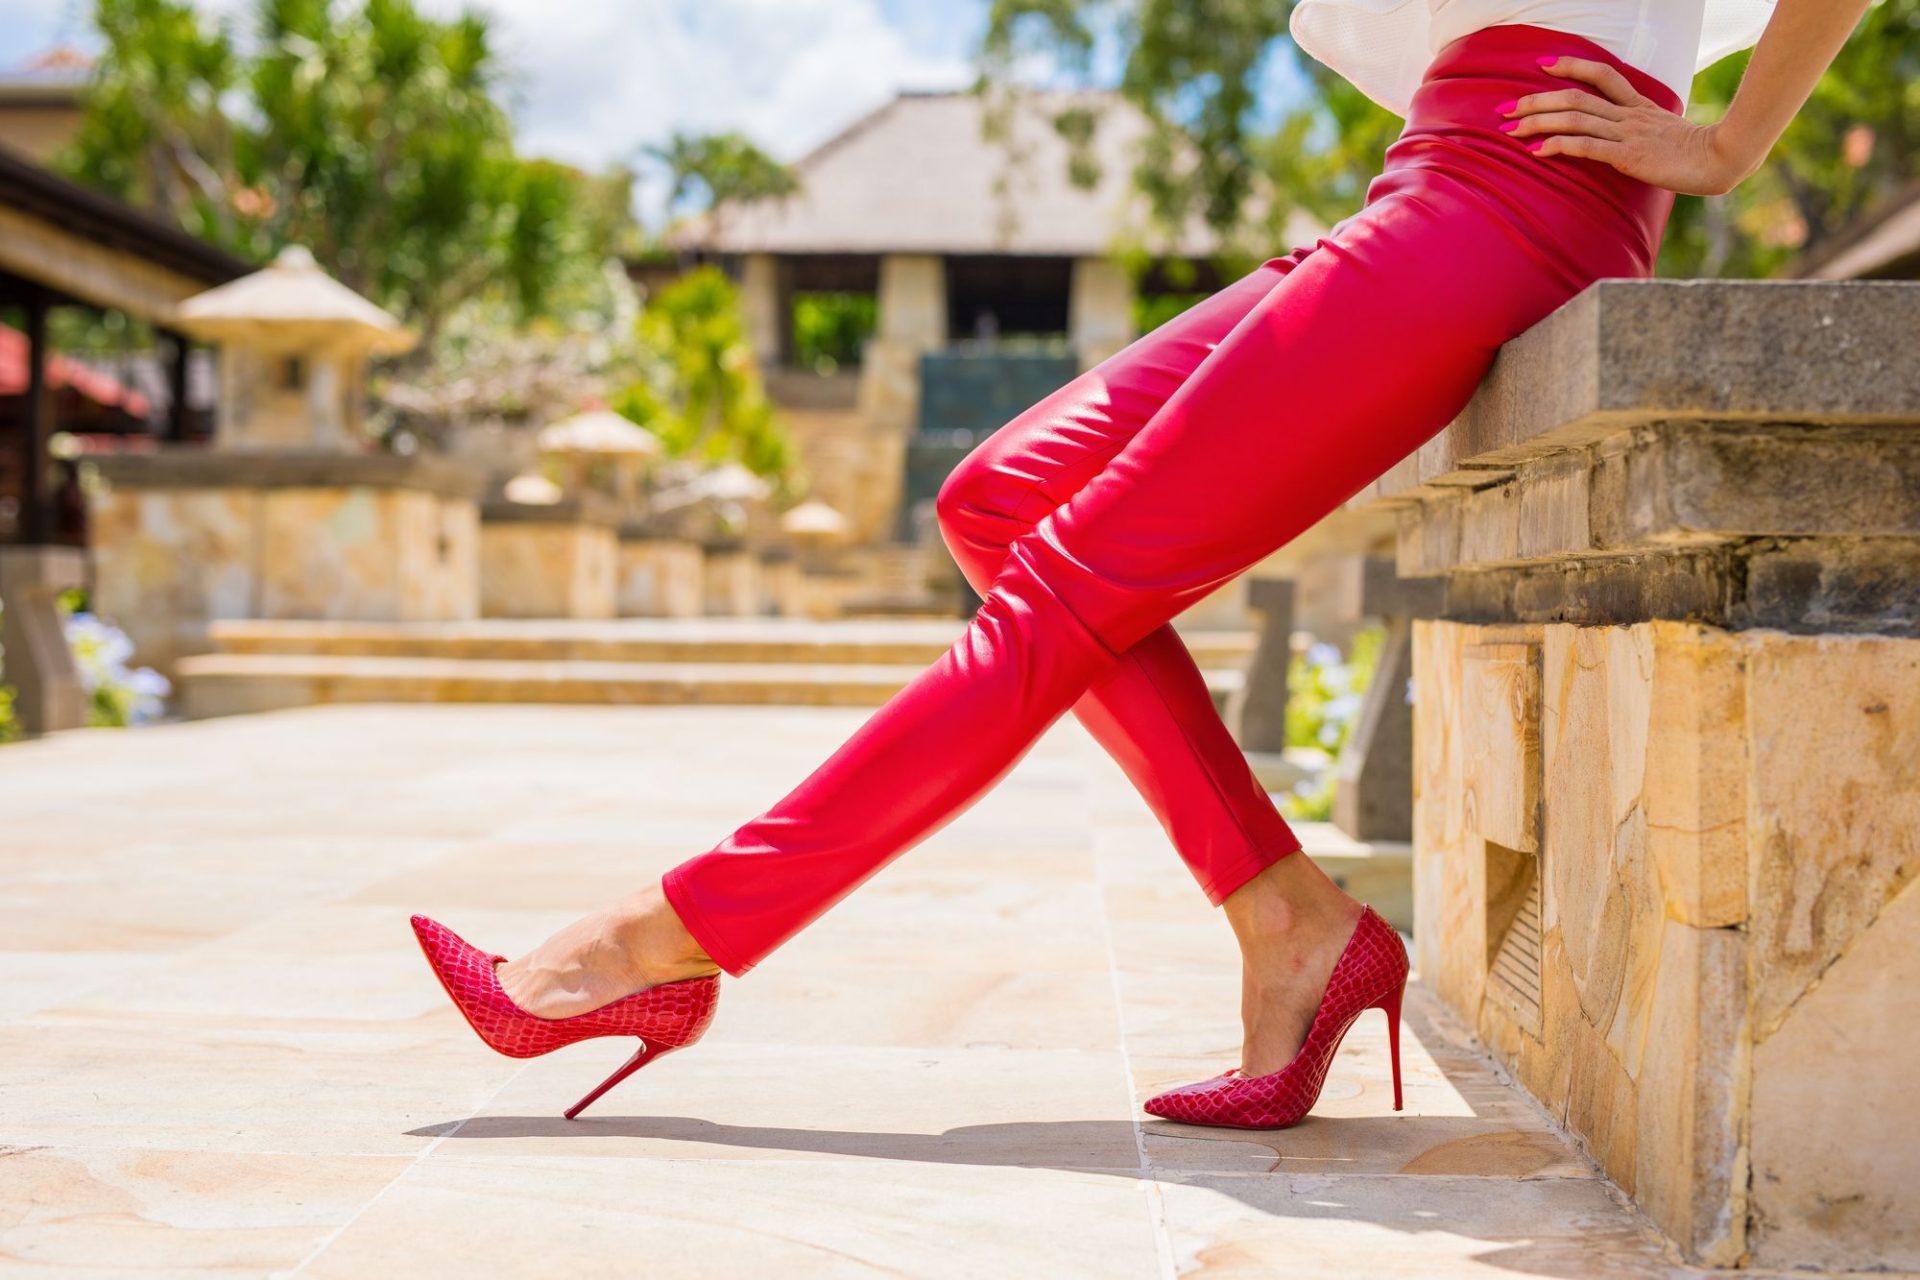 Co pasuje do bordowych spodni